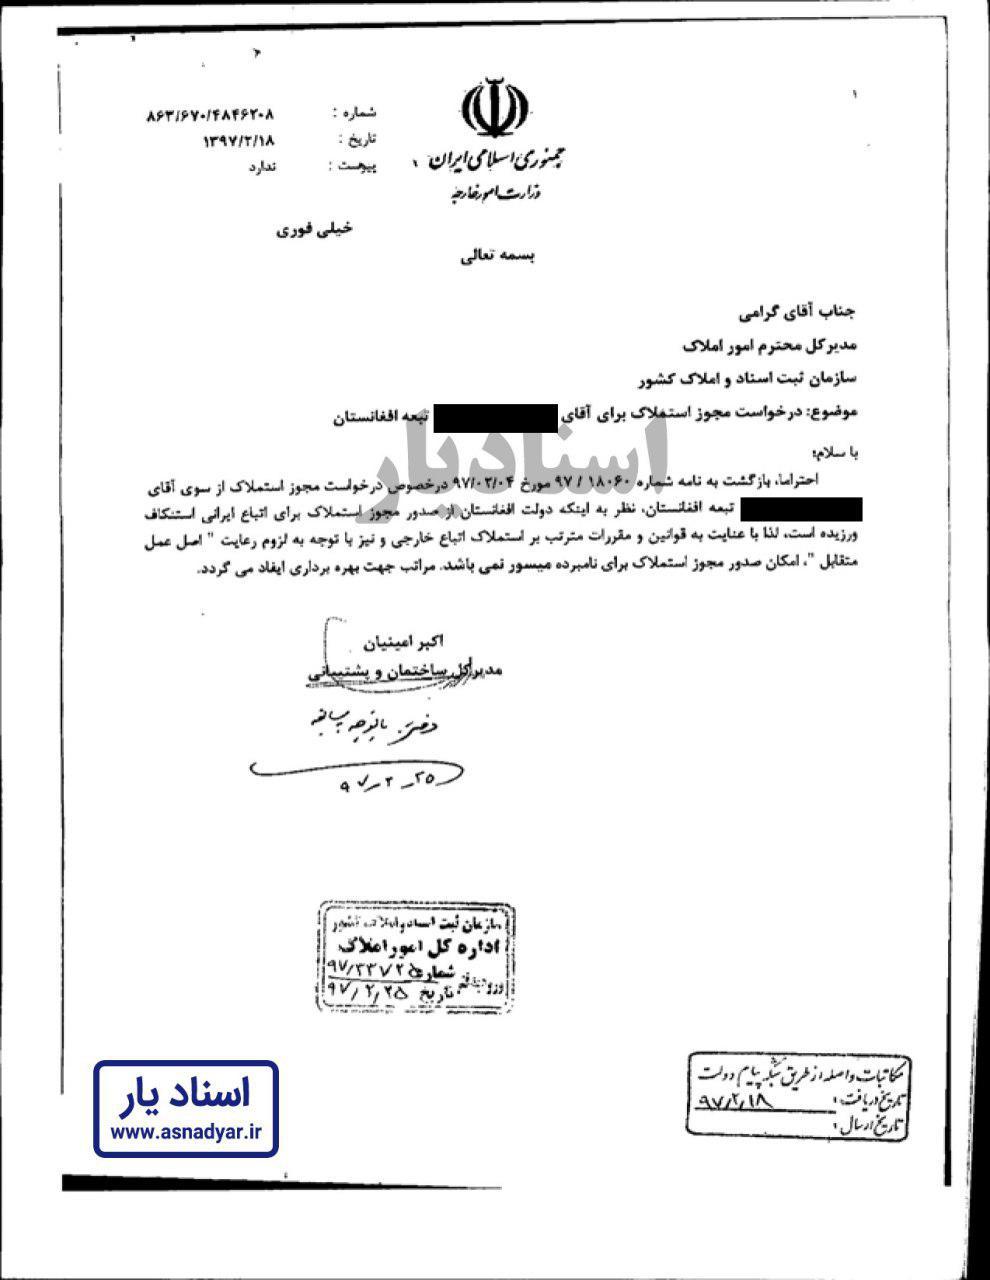 """عدم صدور مجوز استملاک برای اتباع افغانستانی با توجه به لزوم رعایت """"اصل عمل متقابل"""""""